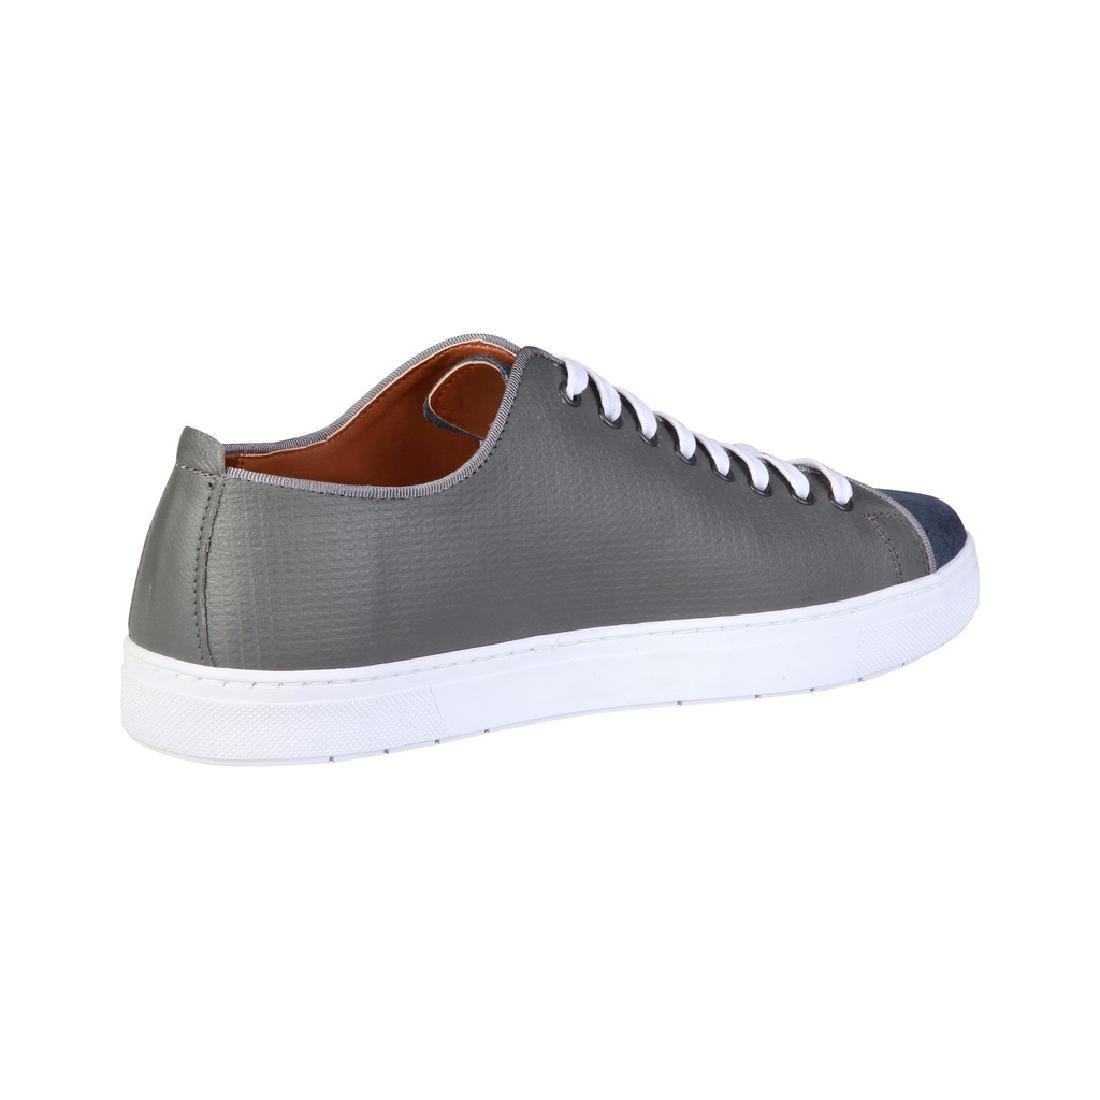 Men's Pierre Cardin Sneakers Shoes US 9 - 4